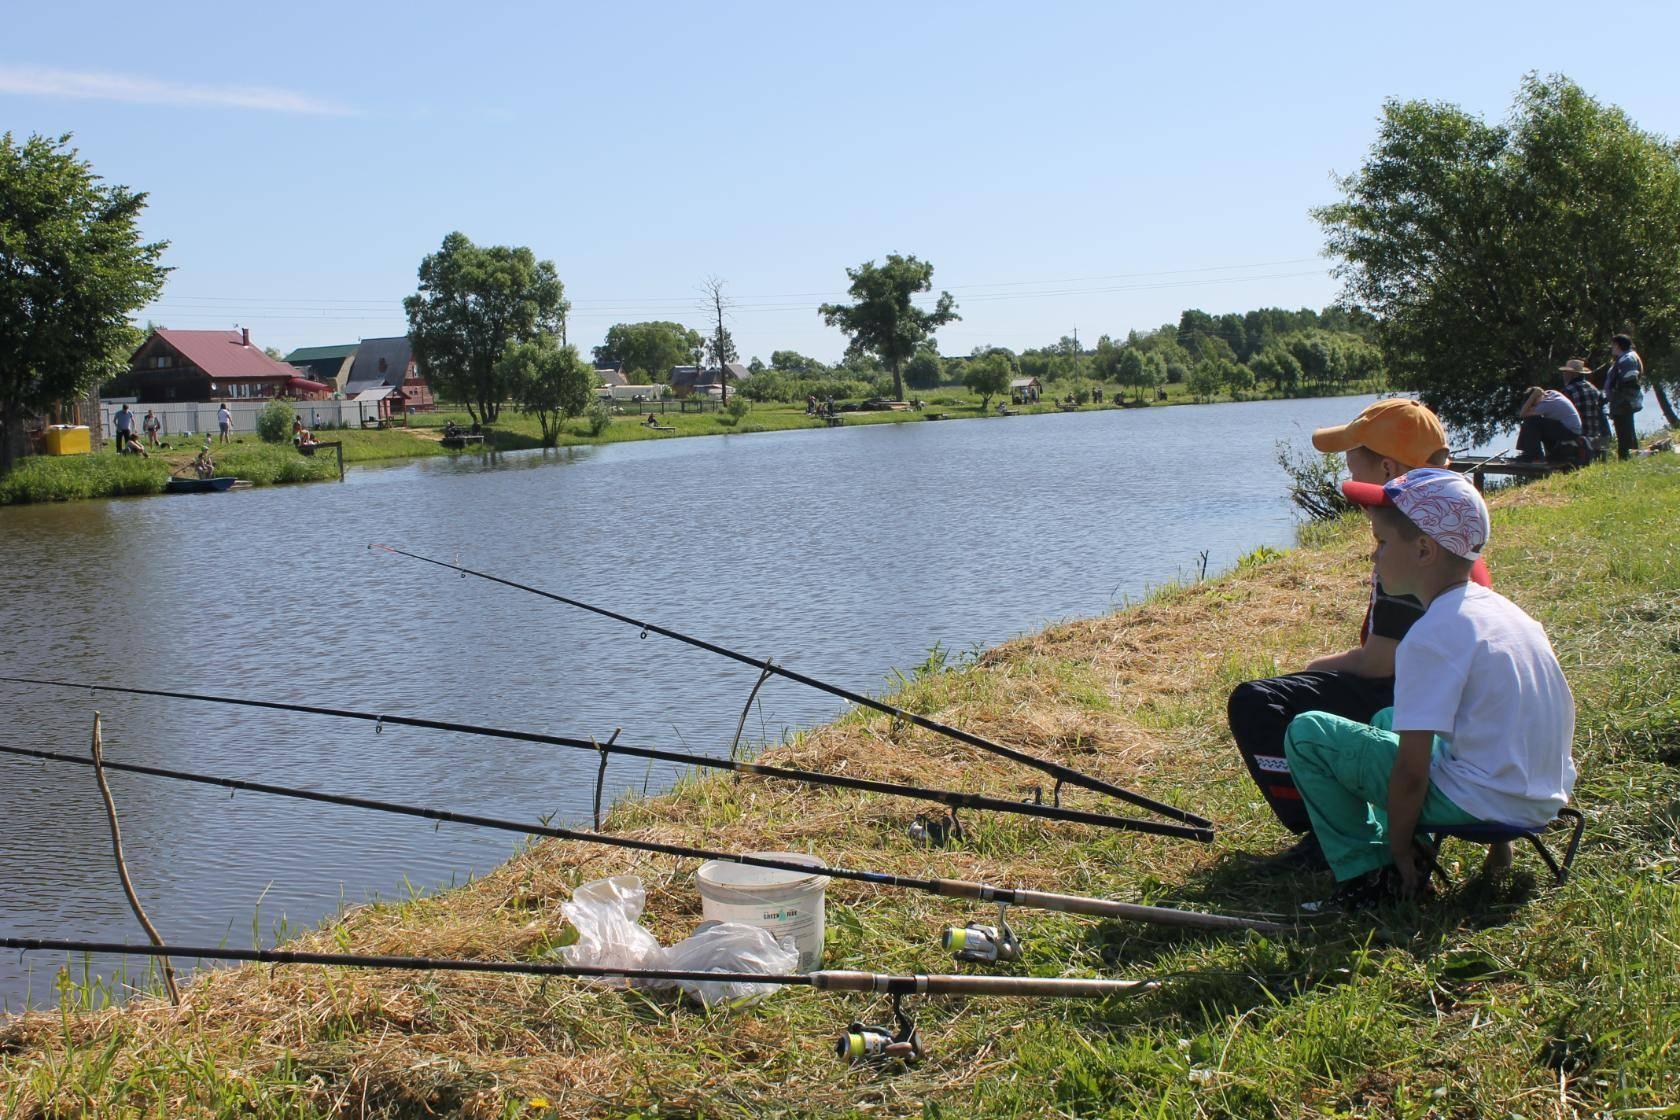 Рыбалка в калужской области и калуге, на калужском шоссе в сосенках, на пруду барыбино 2019